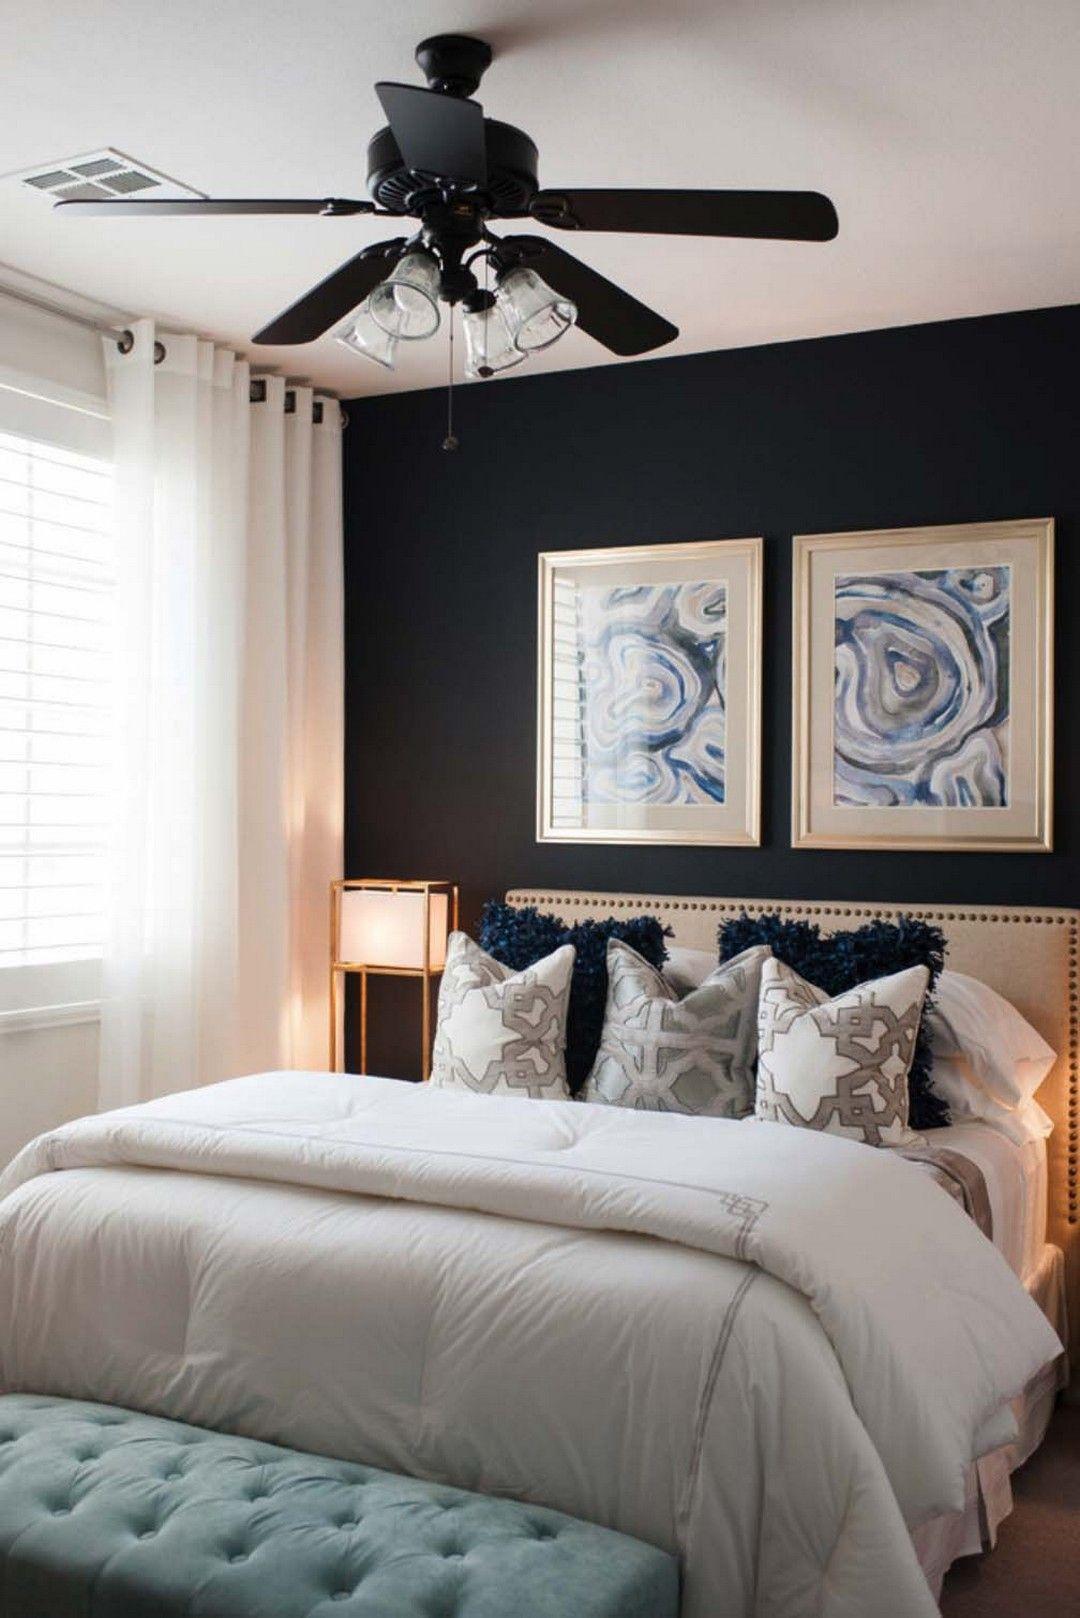 Romantic bedroom master bedroom bedroom decor ideas   Beautiful Master Bedroom Decorating Ideas  Pinterest  Beautiful